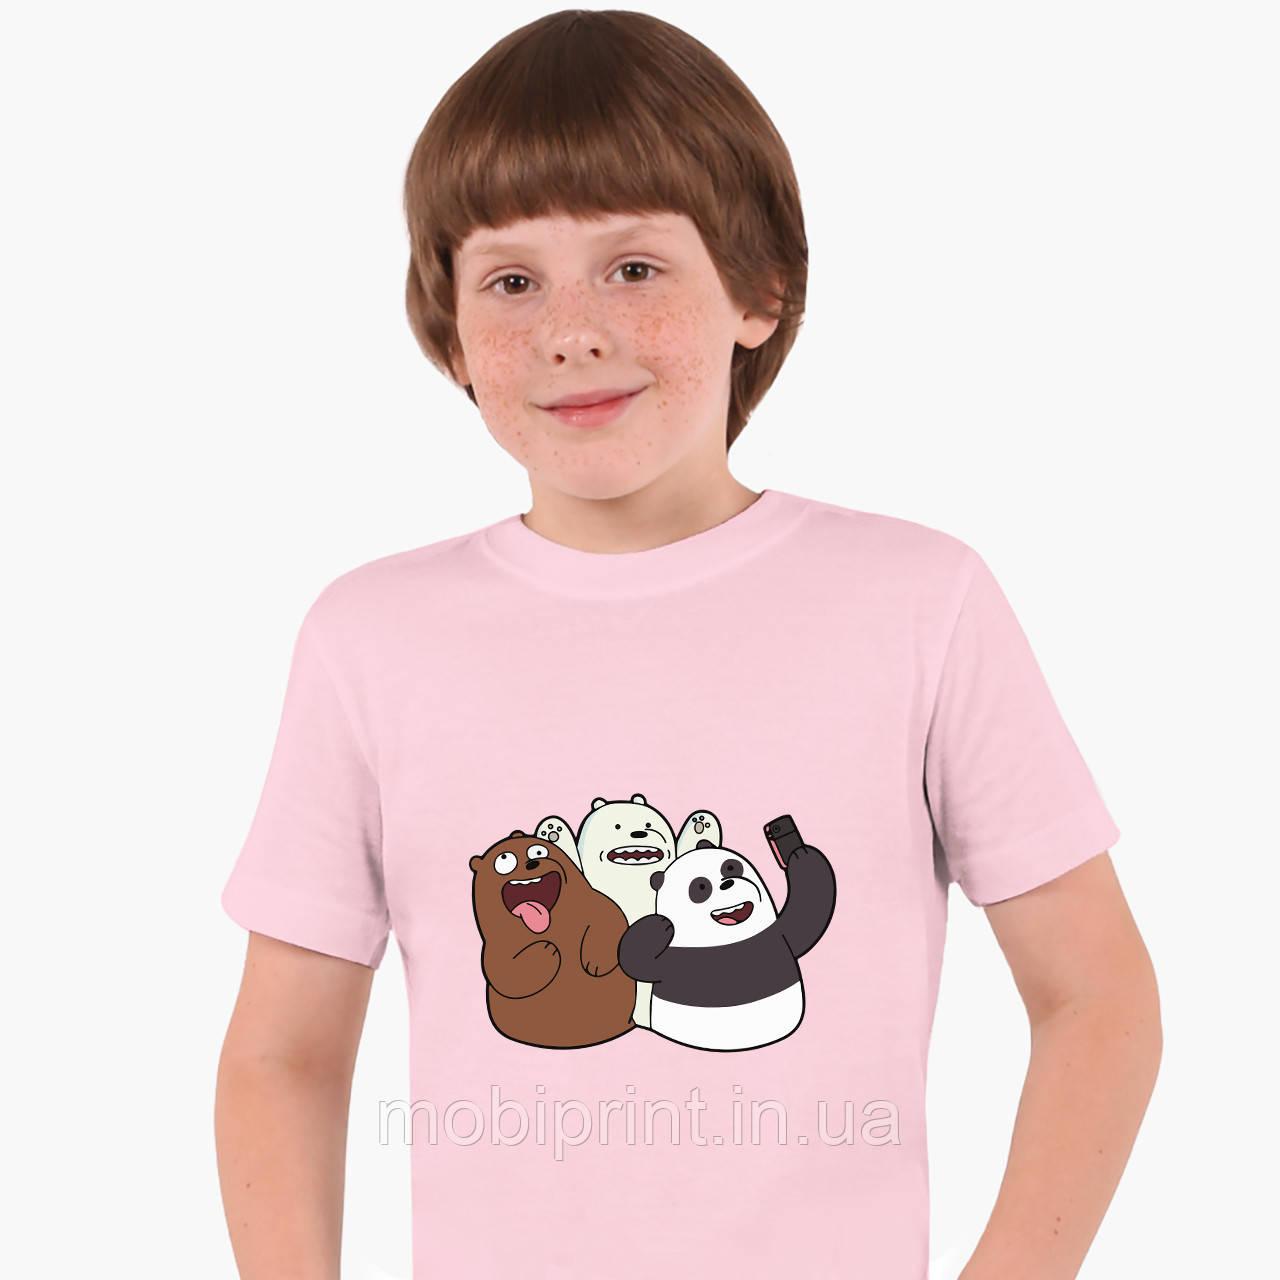 Детская футболка для мальчиков Вся правда о медведях (We Bare Bears) (25186-2665-PK) Розовый